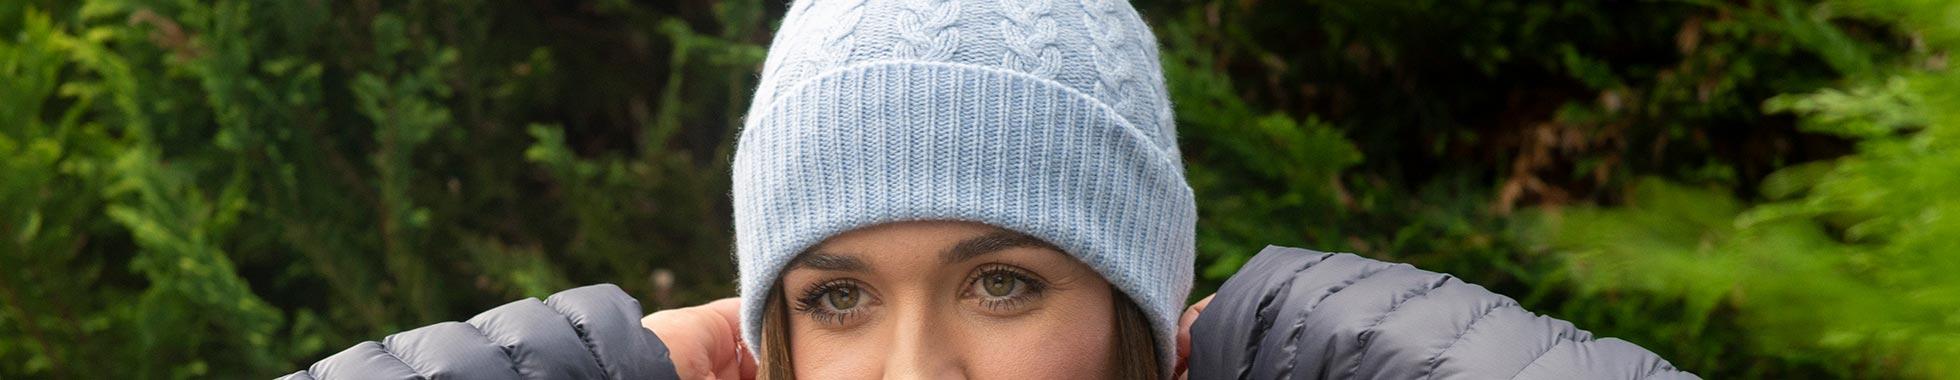 Womens Beanie Hats